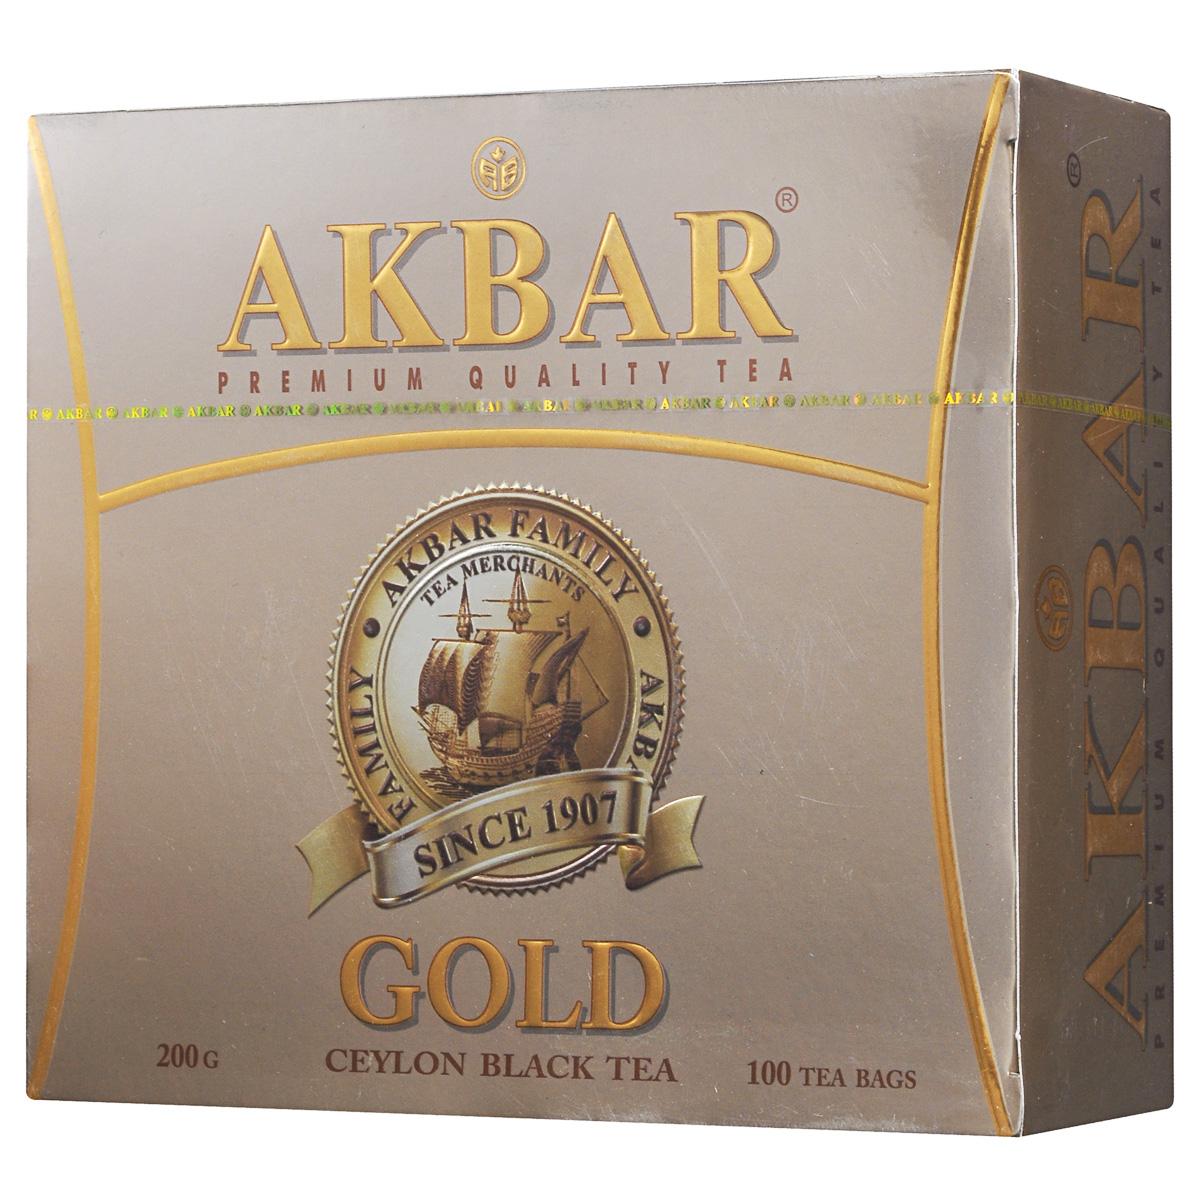 Akbar Gold черный чай в пакетиках, 100 шт1041131Как известно, чай быстро абсорбирует любые посторонние запахи. Поэтому в процессе его производства и упаковки максимум внимания уделяется строгому соблюдению применяемых технологий и используемым материалам. И это неудивительно, ведь дело касается такого уровня чая класса Premium как Akbar Gold, создаваемого экзотической природой горной Шри-Ланки с ее холодными туманами, муссонными дождями и жарким солнцем.Для изготовления чайных пакетиков применяется фильтровальная бумага, состоящая только из натуральных компонентов, которая никак не влияет на первозданный вкус чая.Всё о чае: сорта, факты, советы по выбору и употреблению. Статья OZON Гид